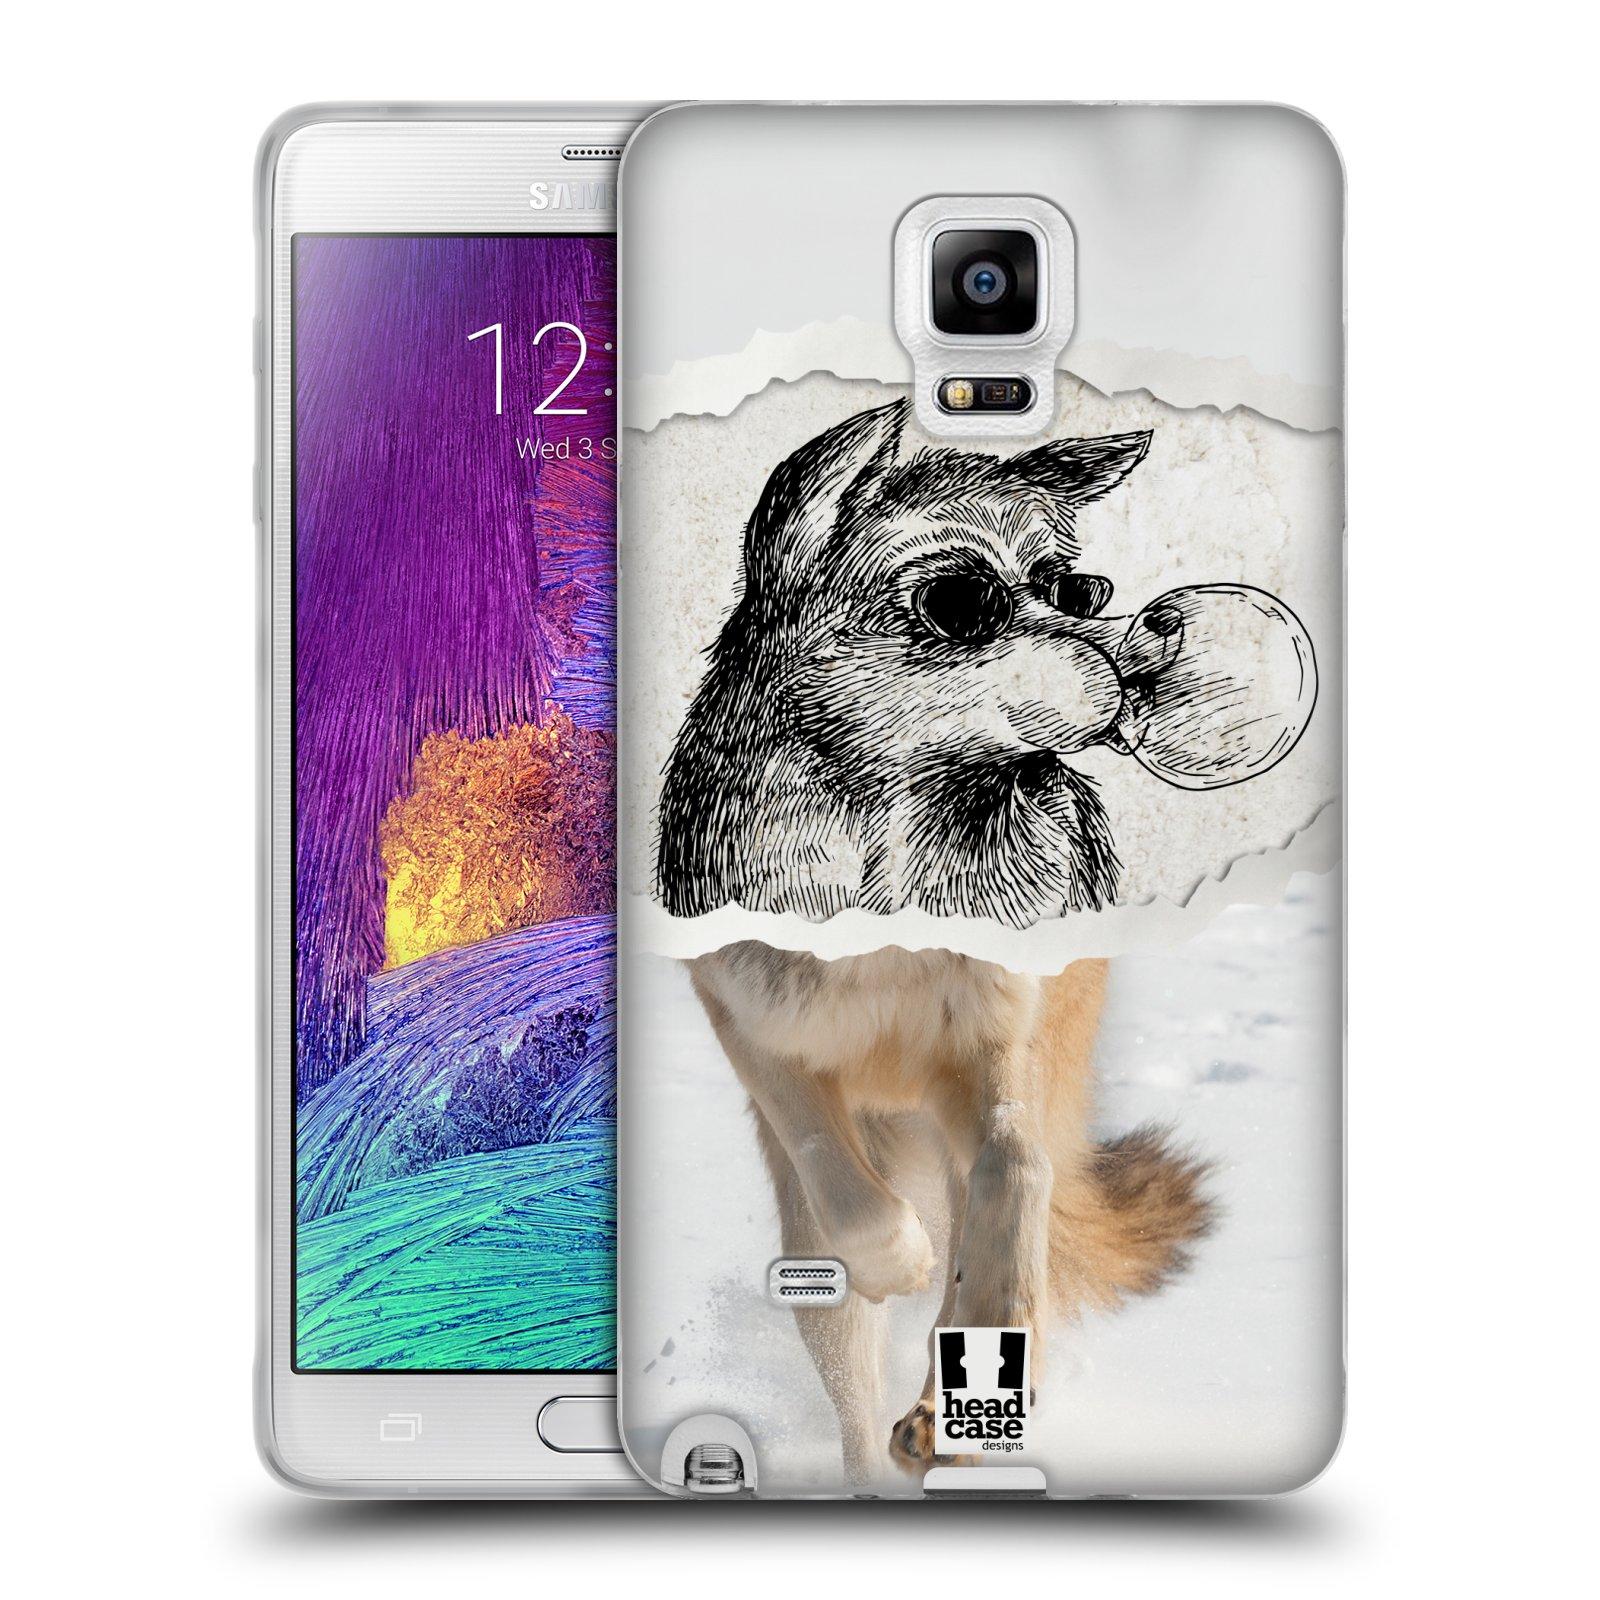 HEAD CASE silikonový obal na mobil Samsung Galaxy Note 4 (N910) vzor zvířata koláž vlk pohodář